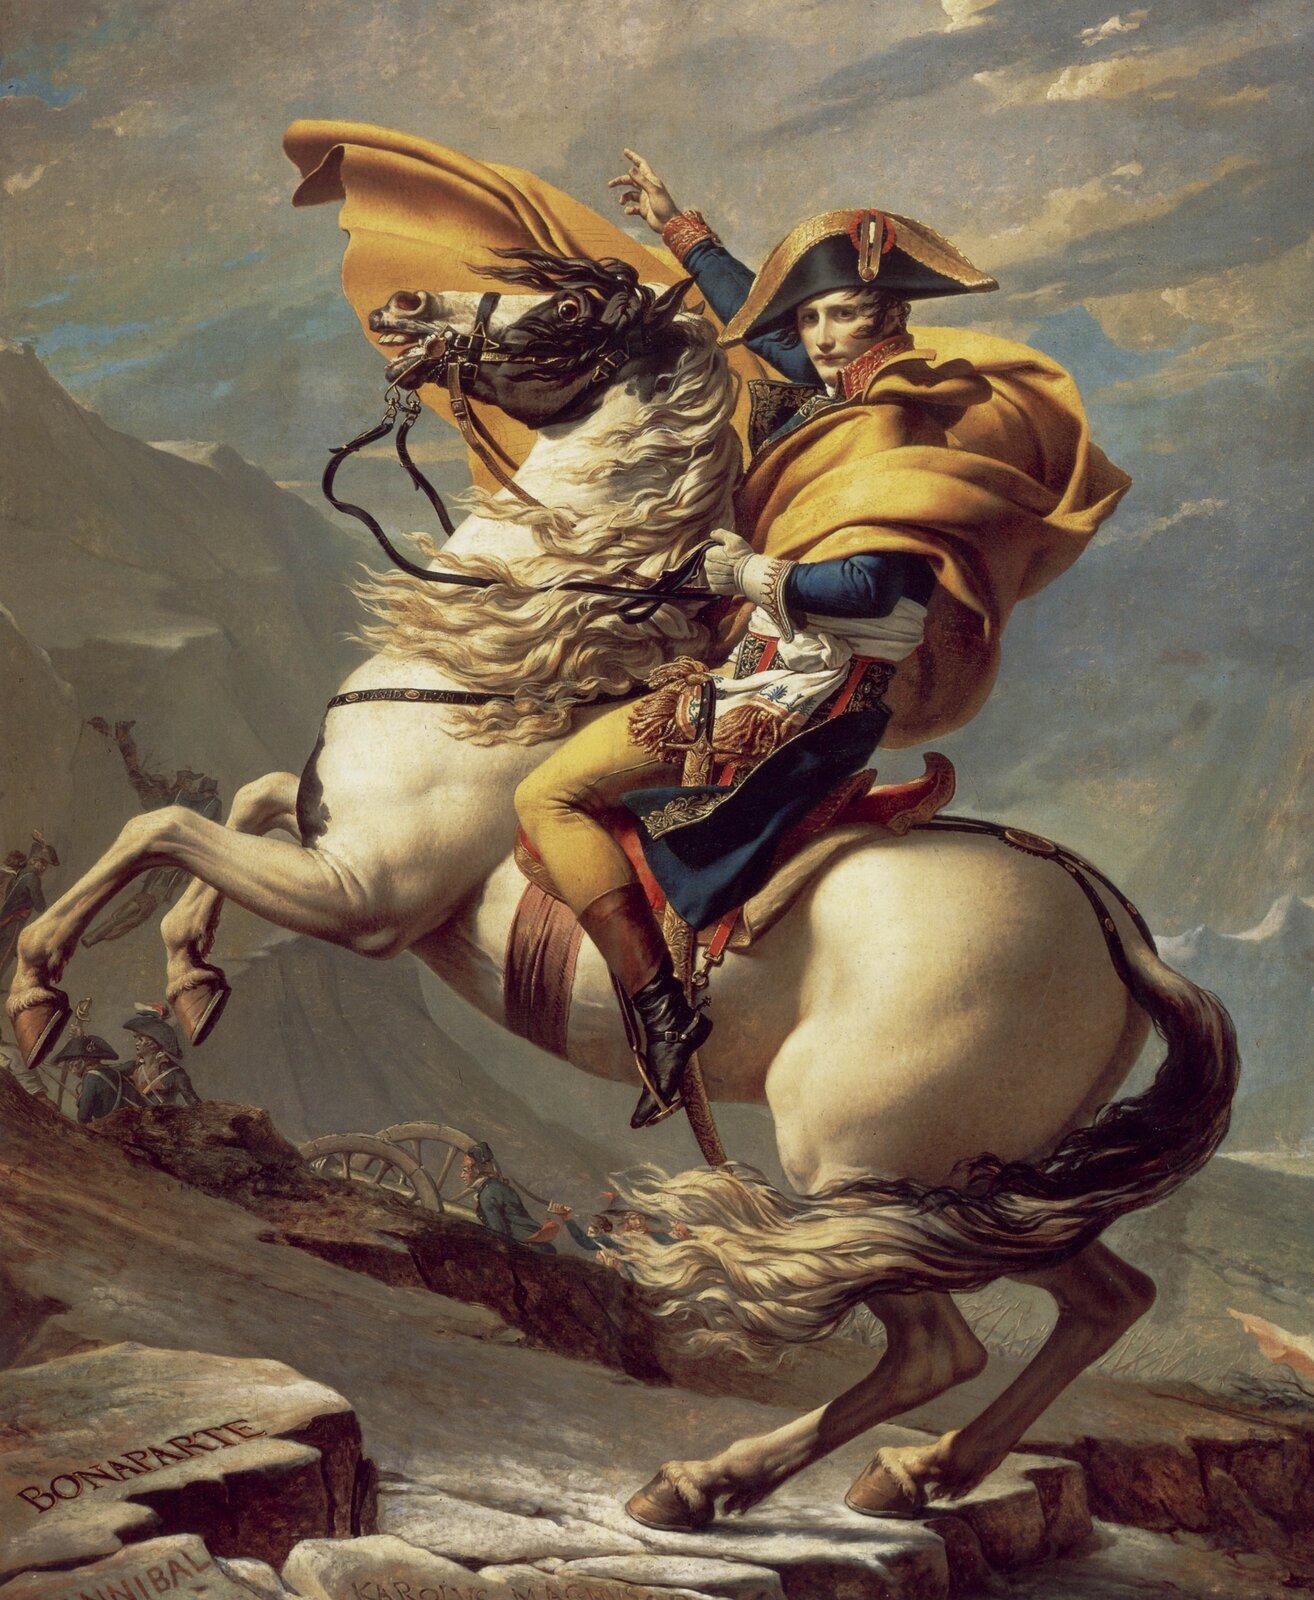 """Ilustracja przedstawia dzieło Jacques-Louis David, """"Napoleon Bonaparte na przełęczy św. Bernarda"""". David ukazał Napoleona dosiadającego konia stającego dęba, według tradycji starożytnej symbolizującego władzę. Jest to dynamiczny portret młodego przywódcy wojskowego."""